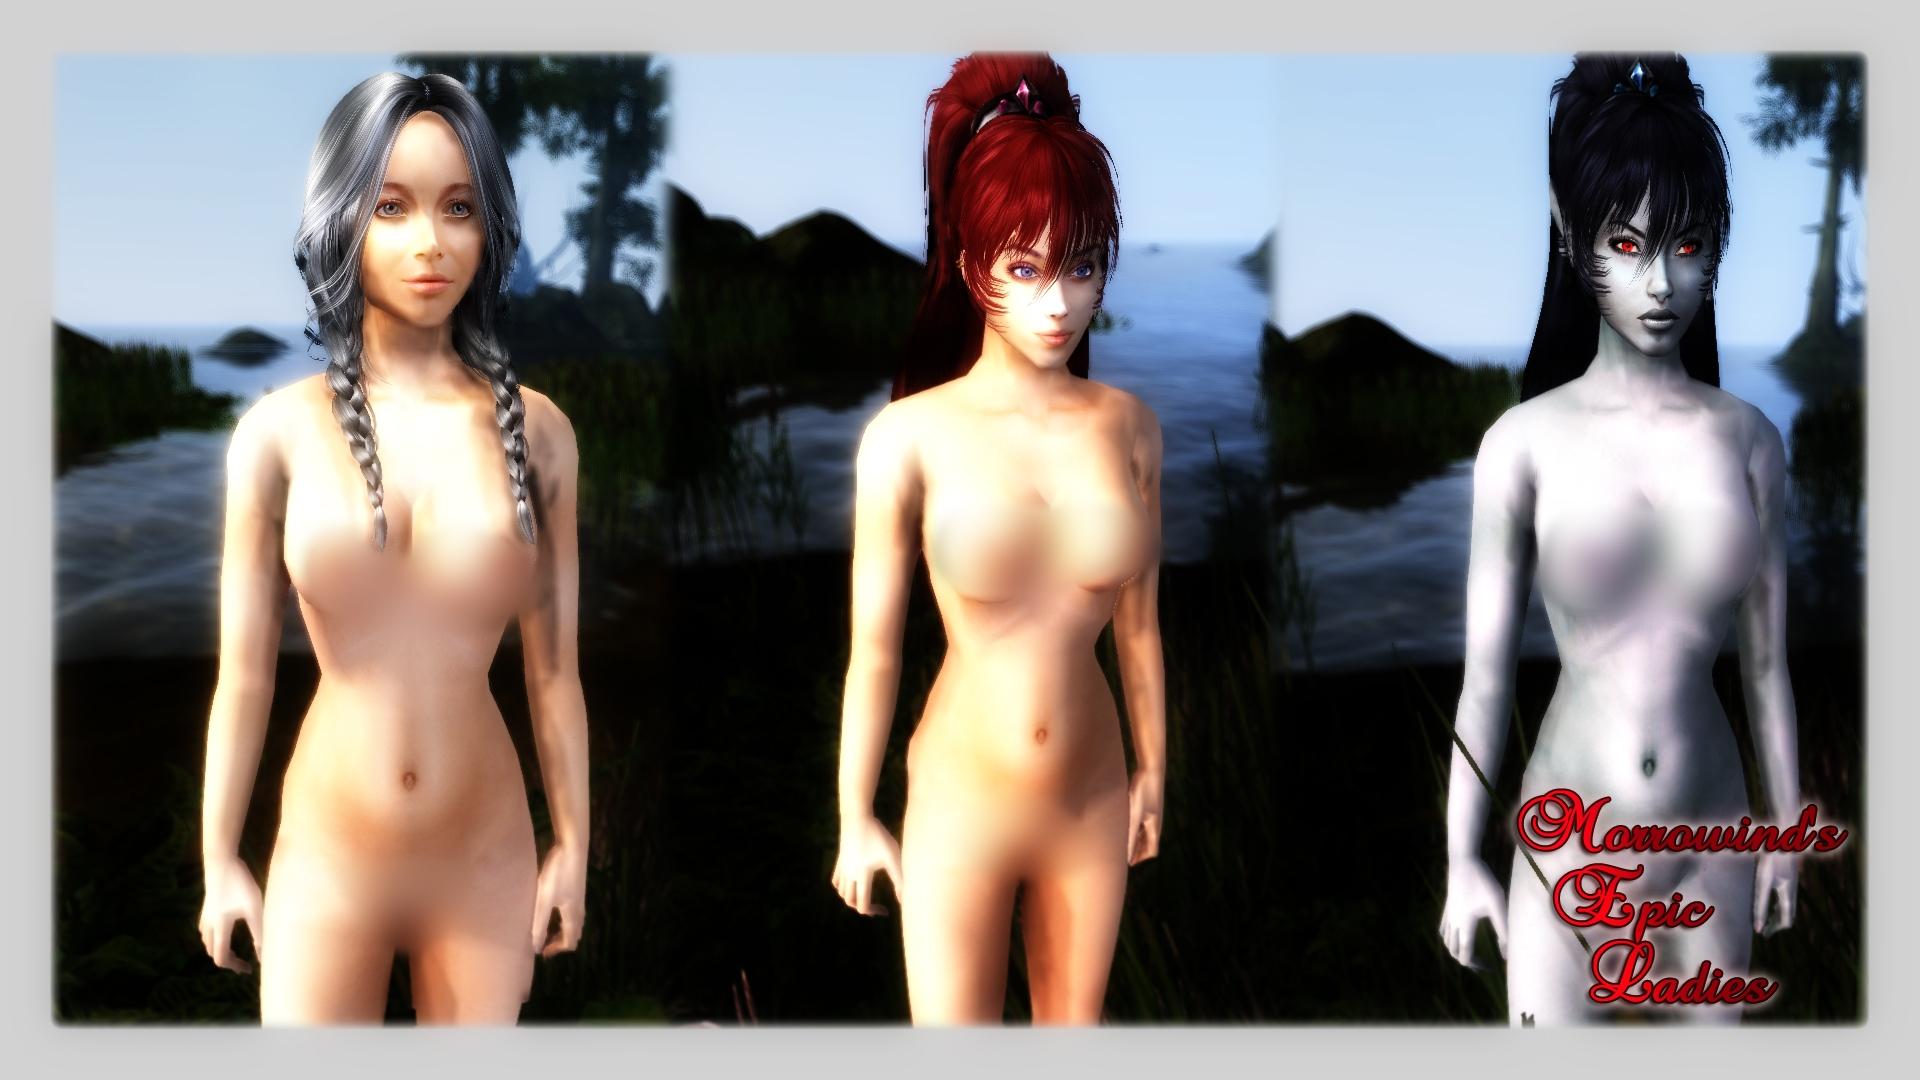 Girl of morrowind nude xxx photo